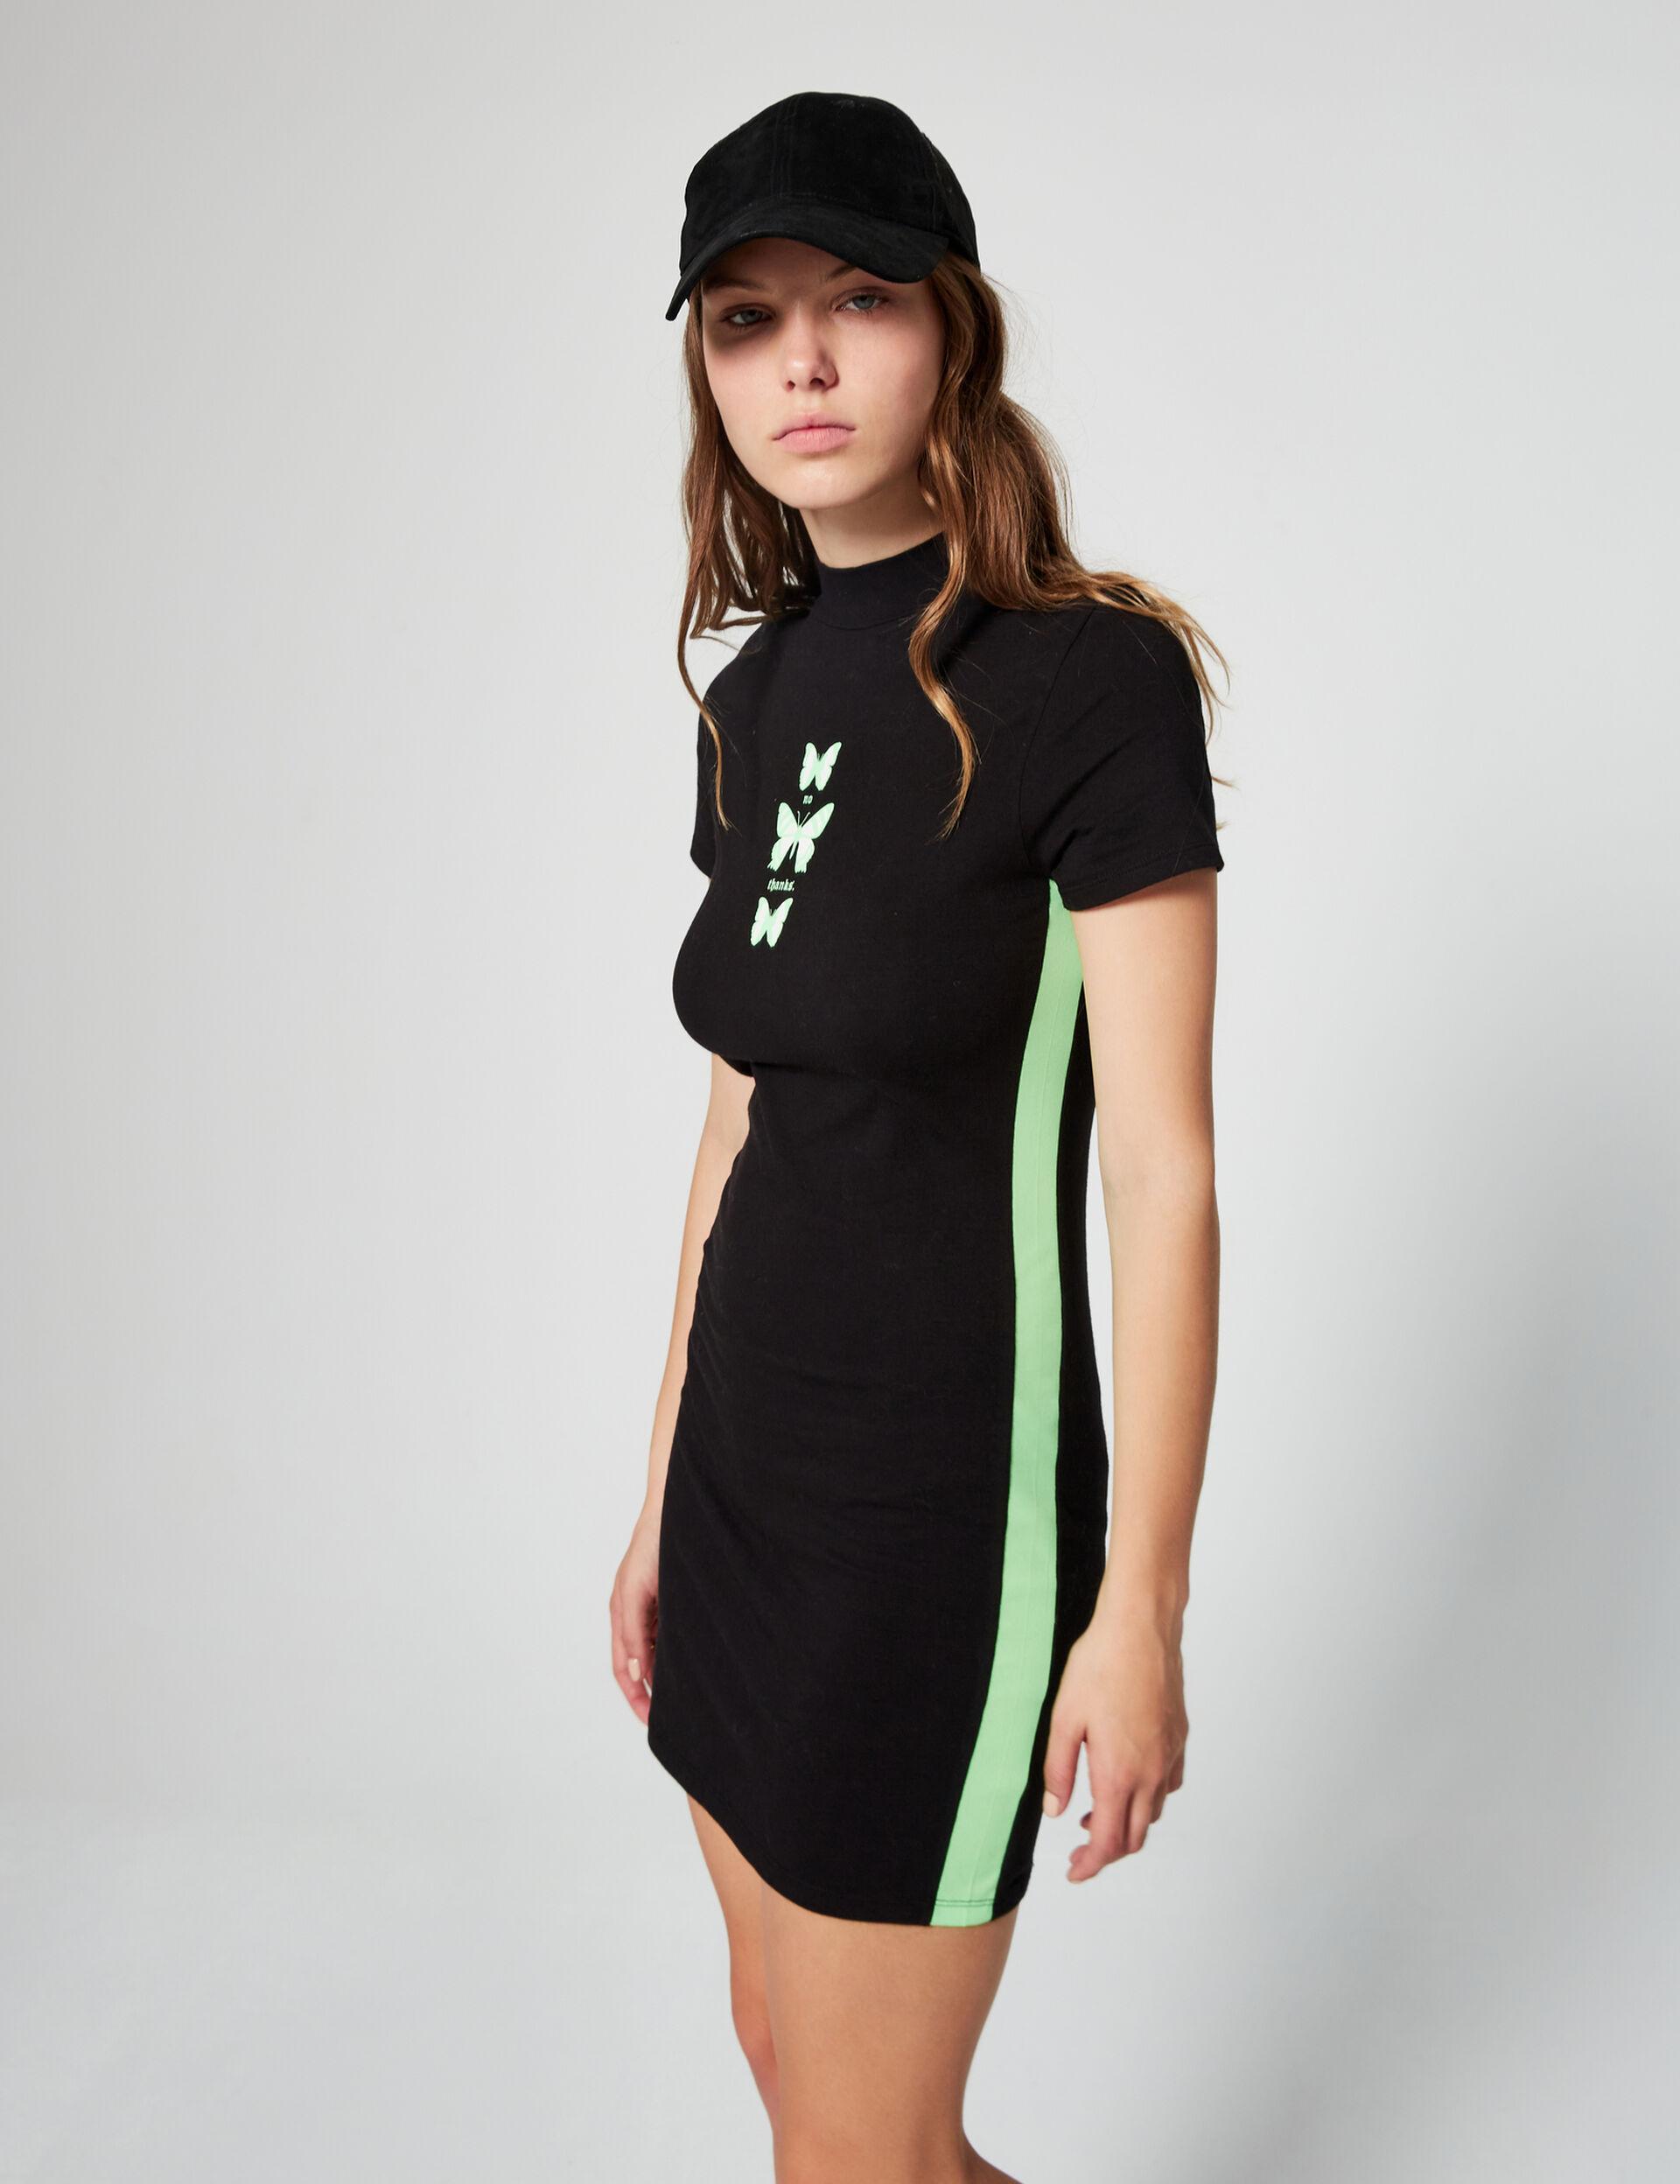 Dress with glow-in-the-dark motifs